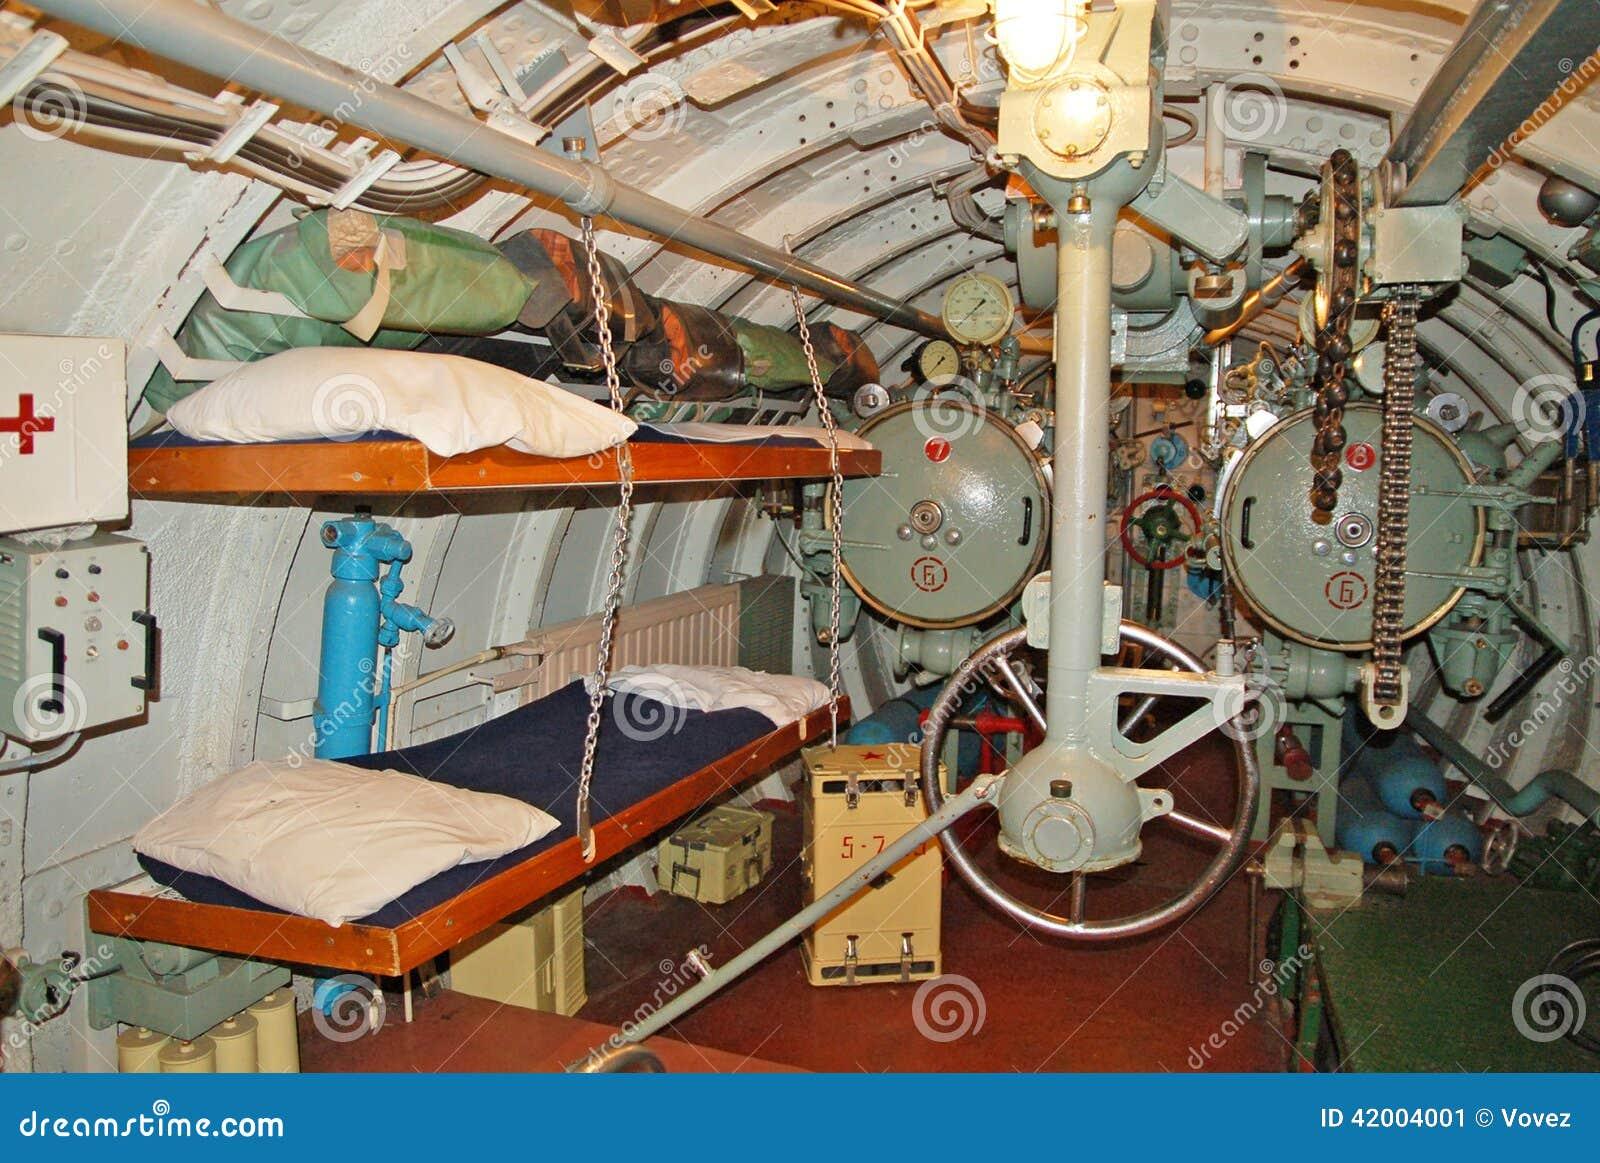 L 39 int rieur du sous marin compartiment arri re de for Interieur sous marin